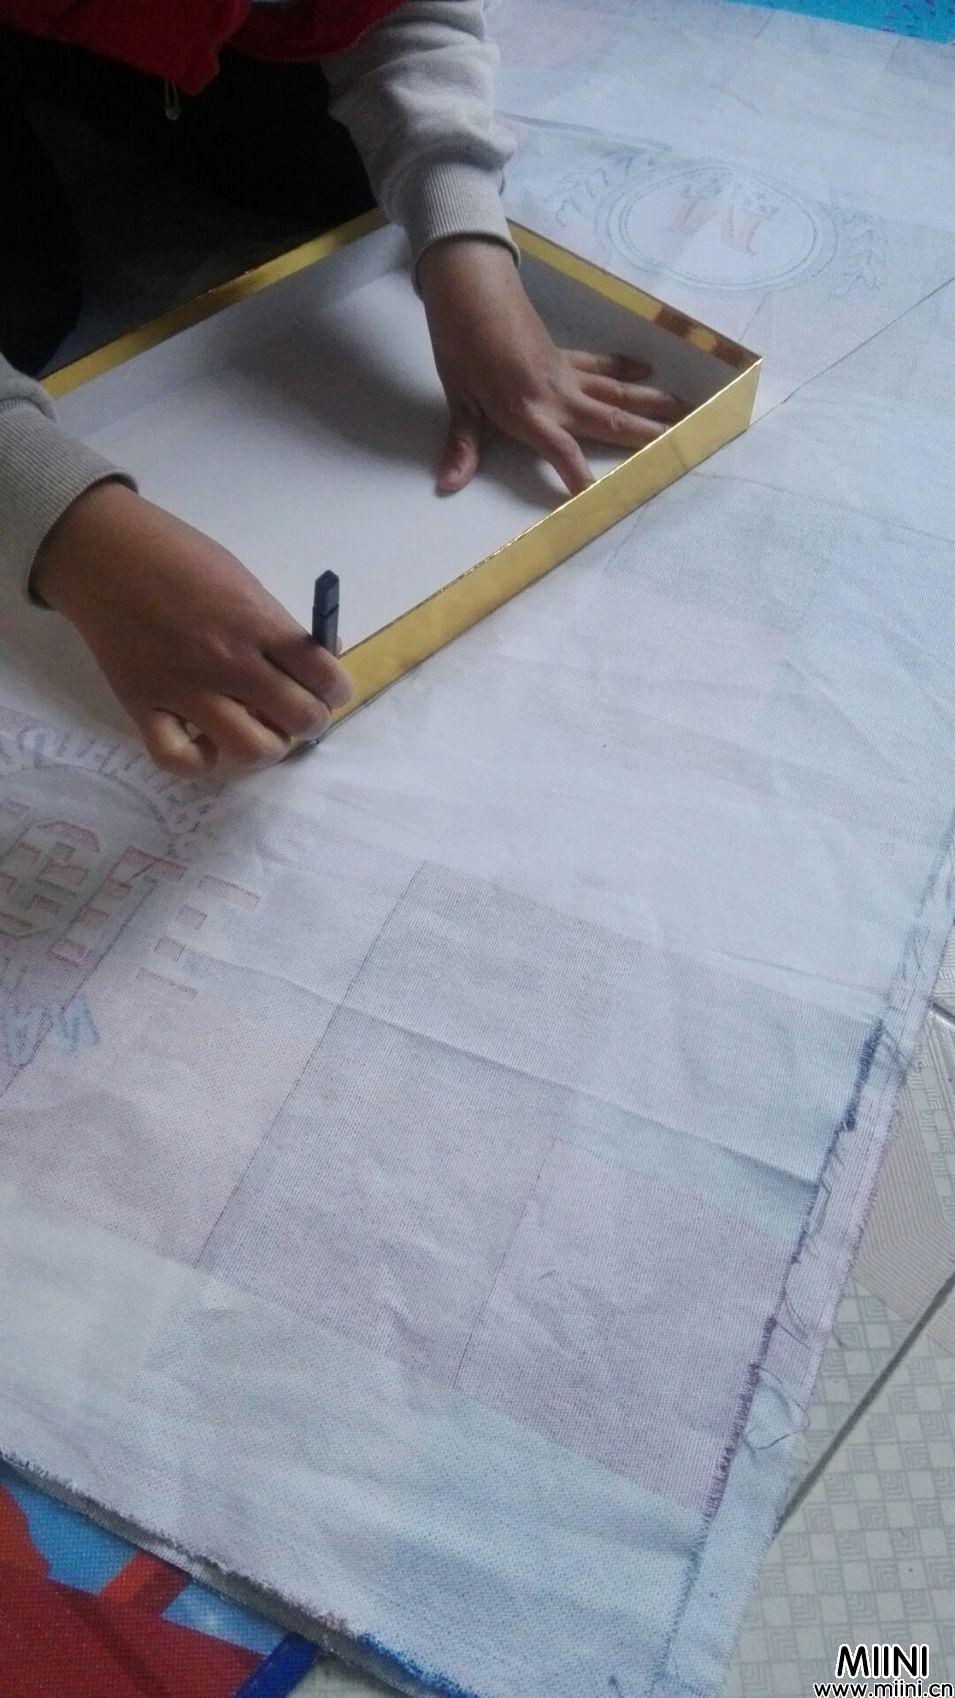 布艺手工帐篷制作步骤教程